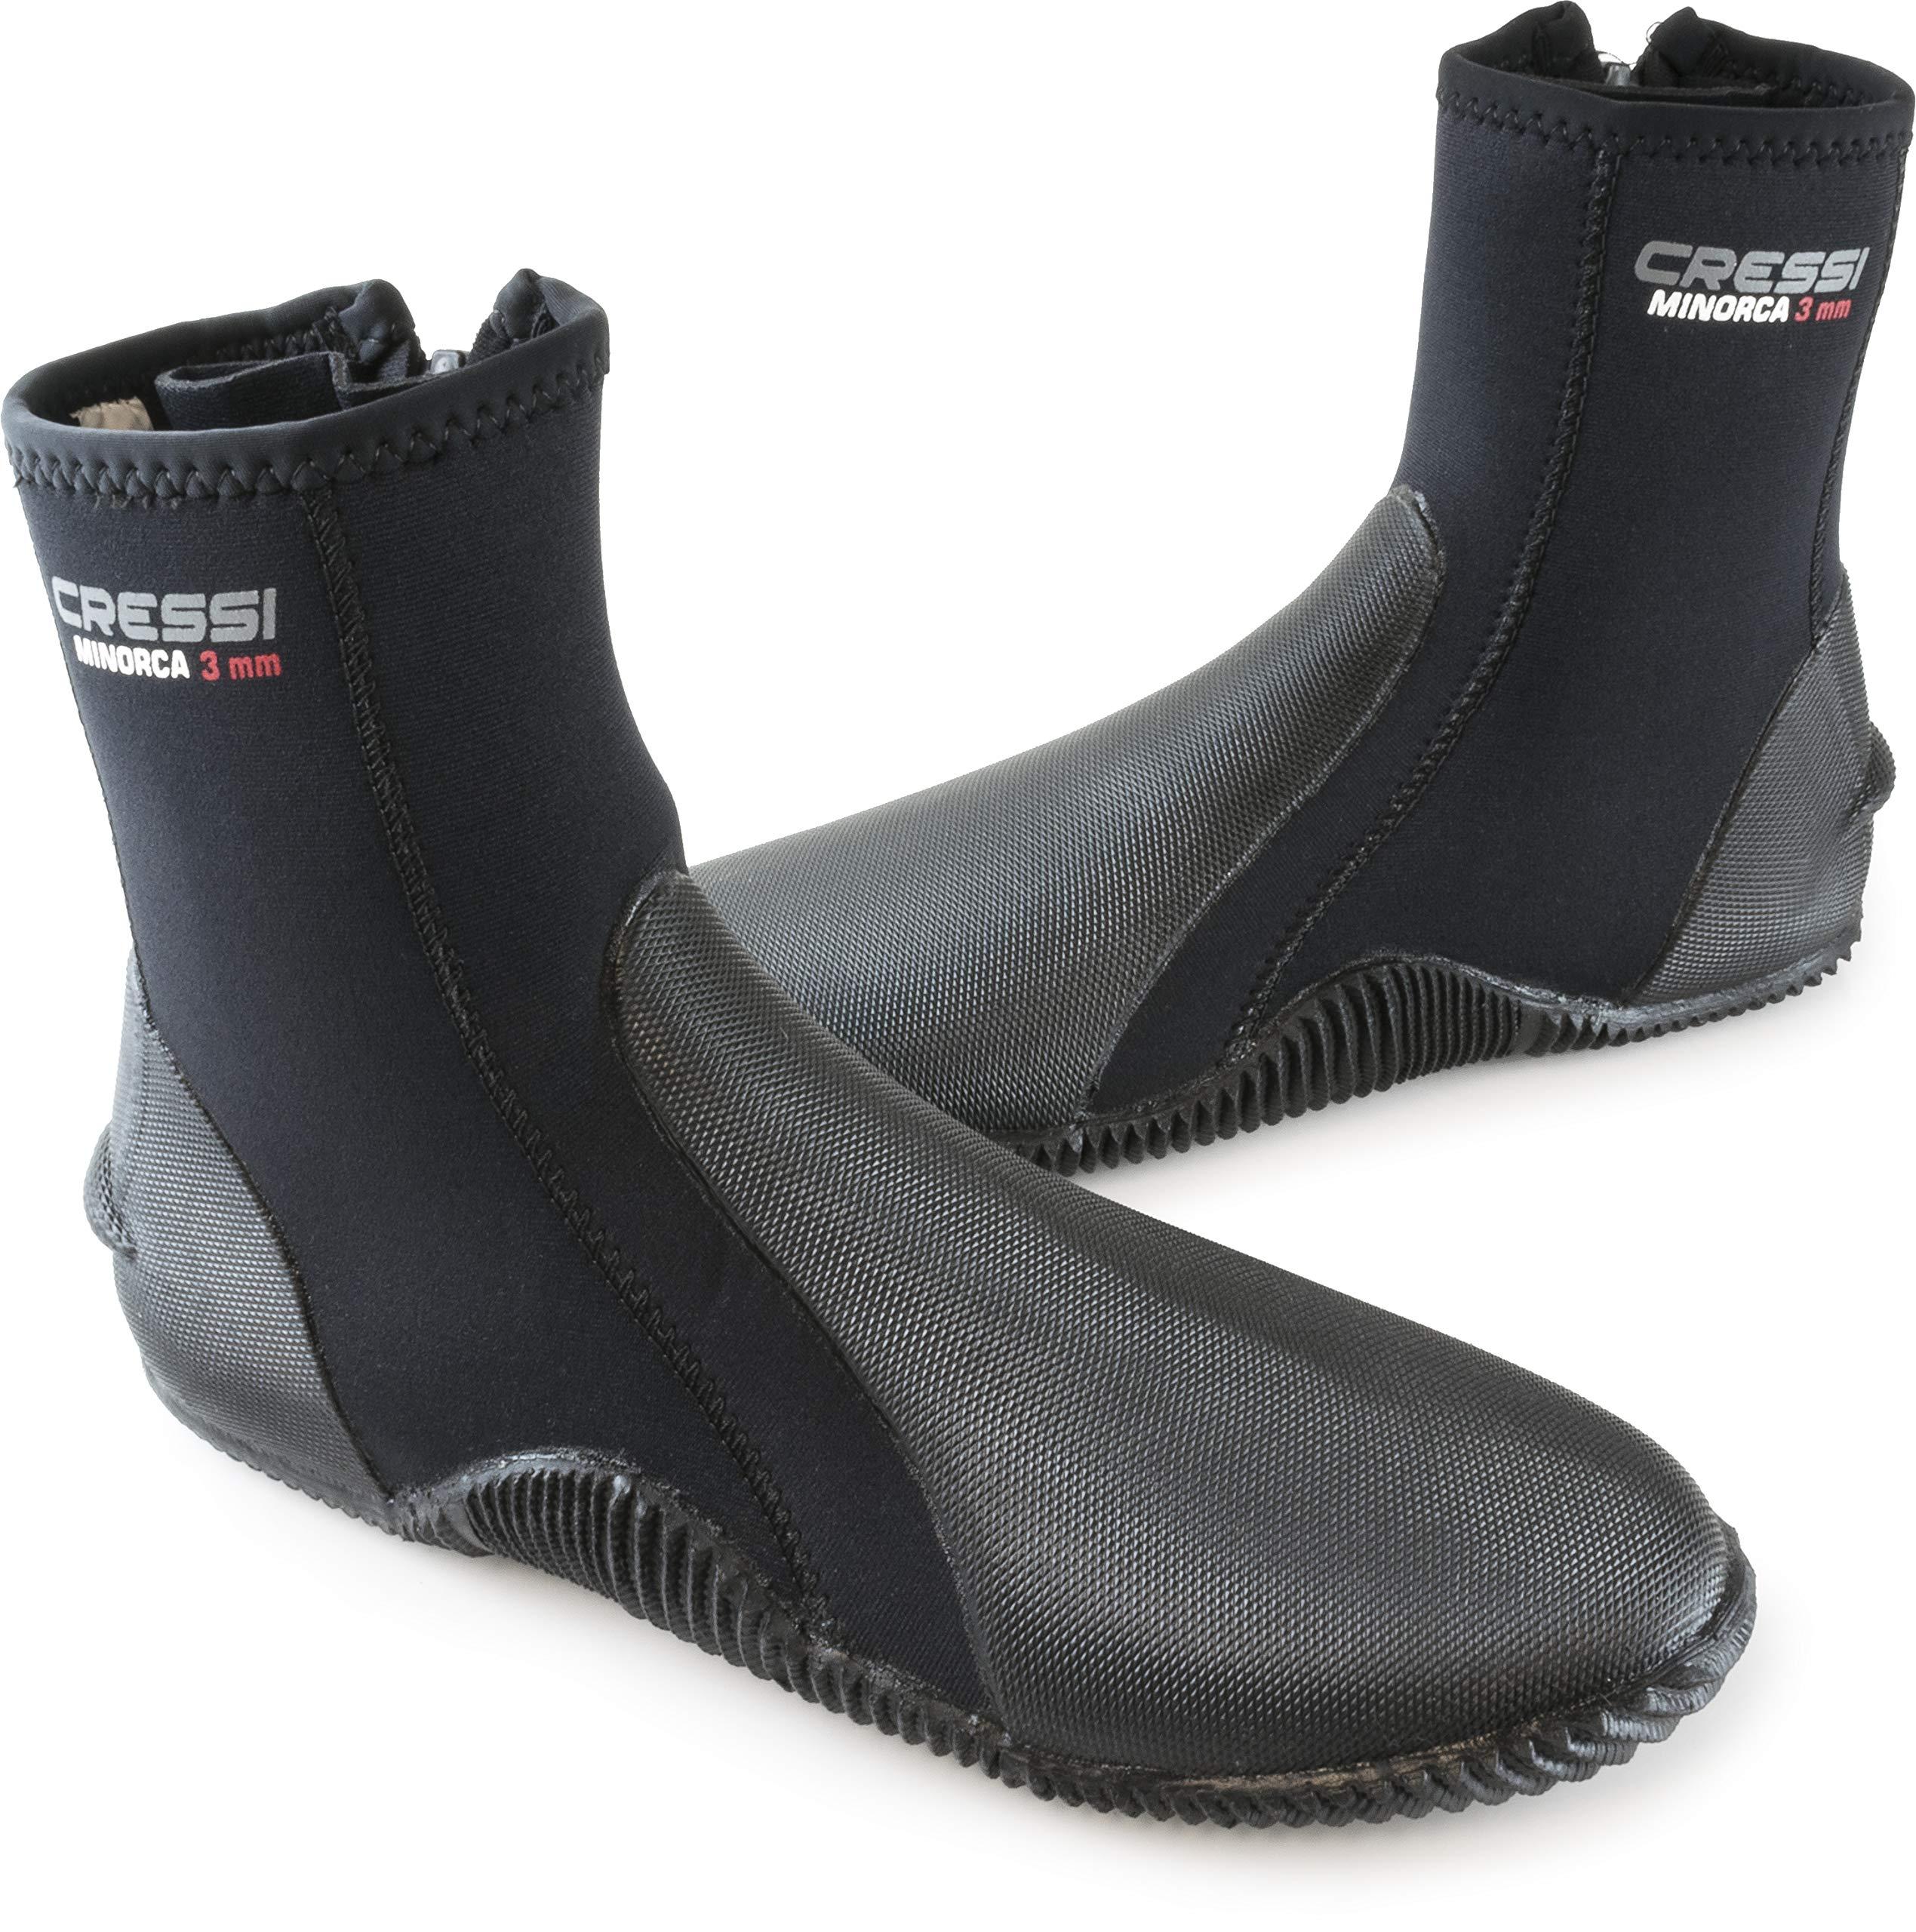 Cressi Minorca Short Boots